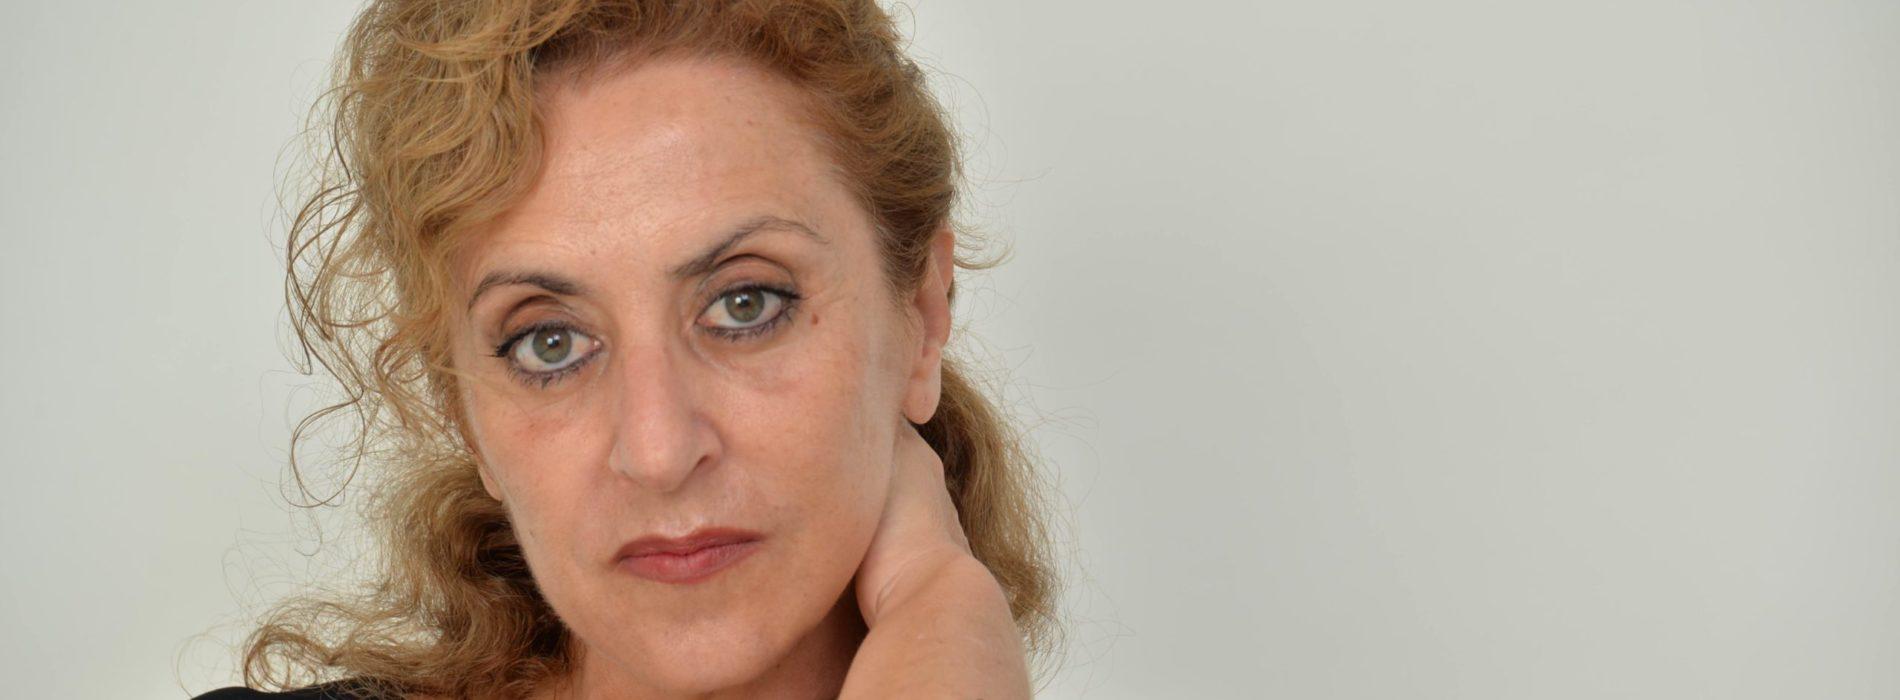 Napoli Teatro Festival, in scena Rumore di fondo con Gea Martire